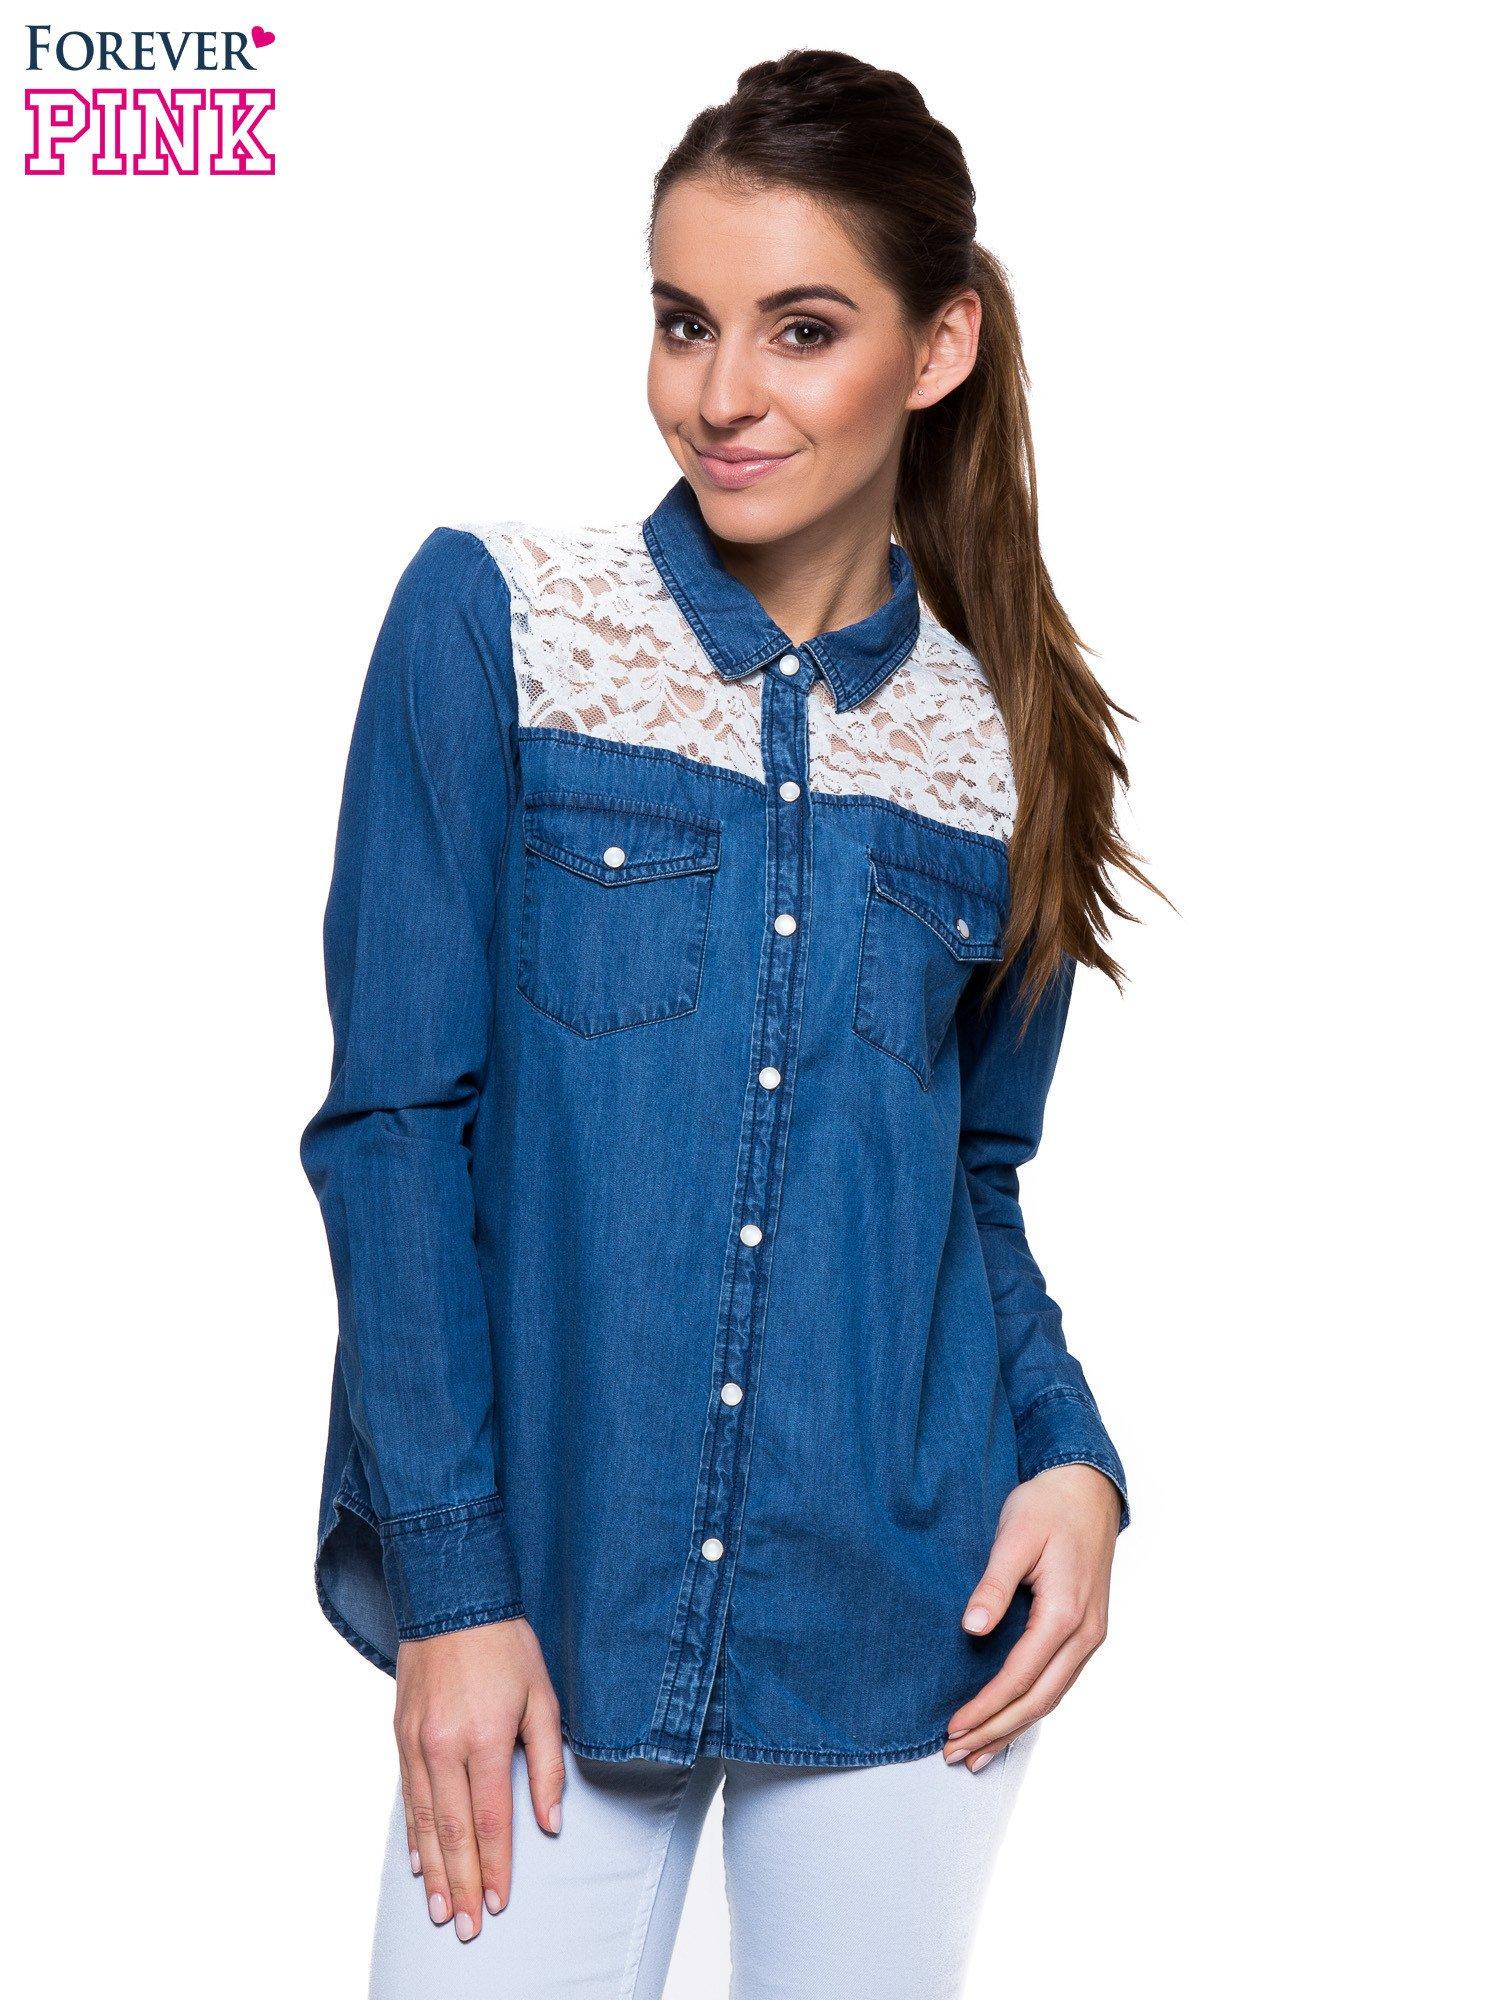 Niebieska koszula jeansowa z koronkową wstawką                                  zdj.                                  1